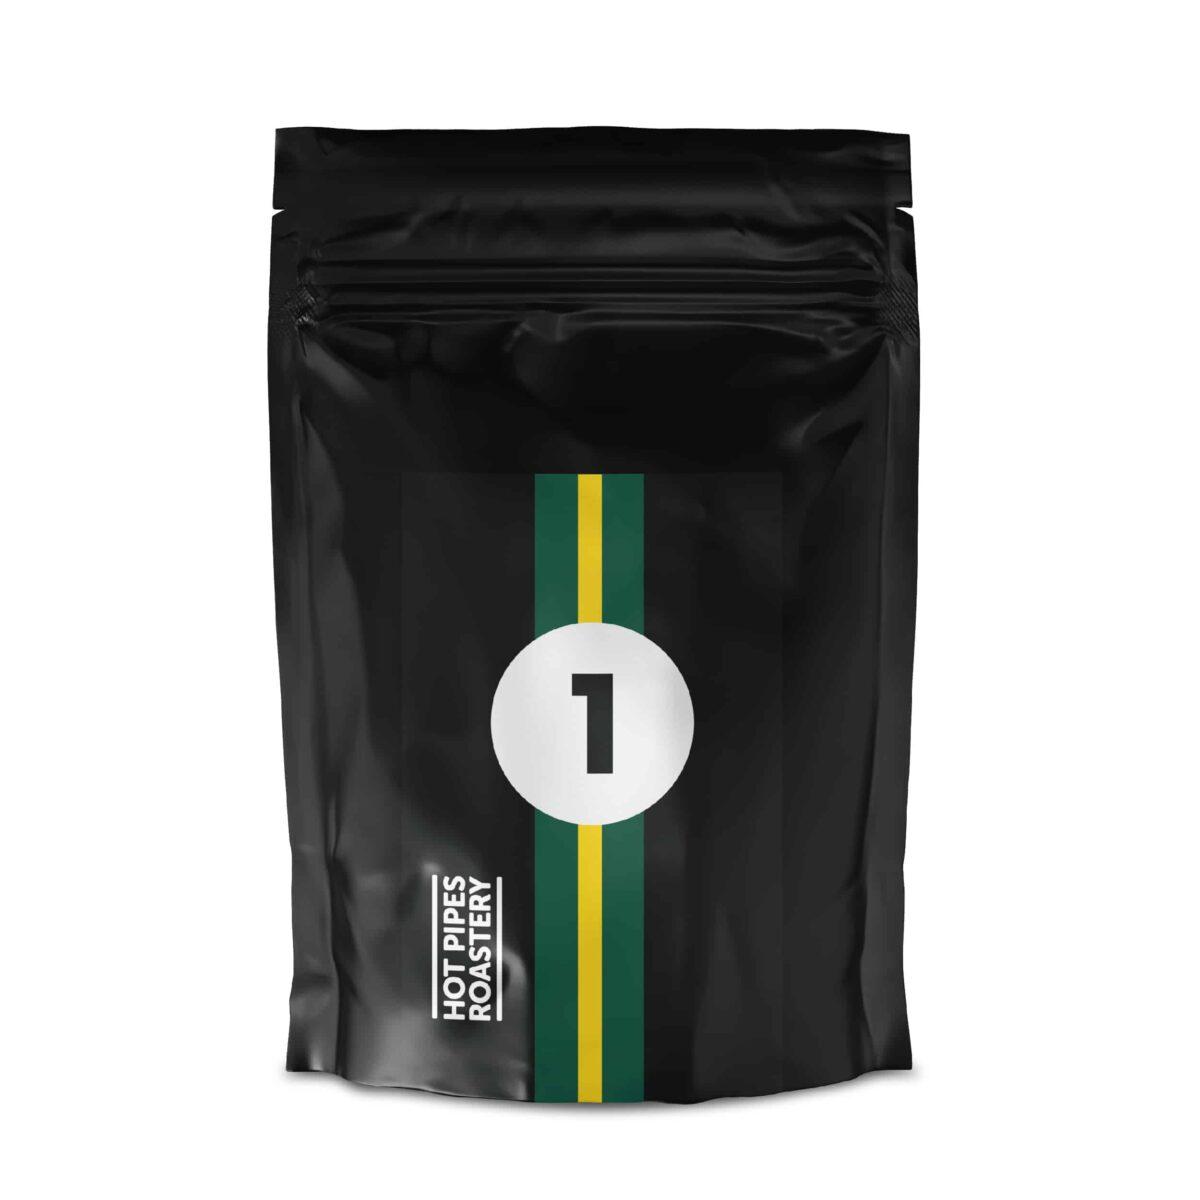 cafea kenya, cafea de specialitate, cafea boabe 100% arabica, cafea macinata